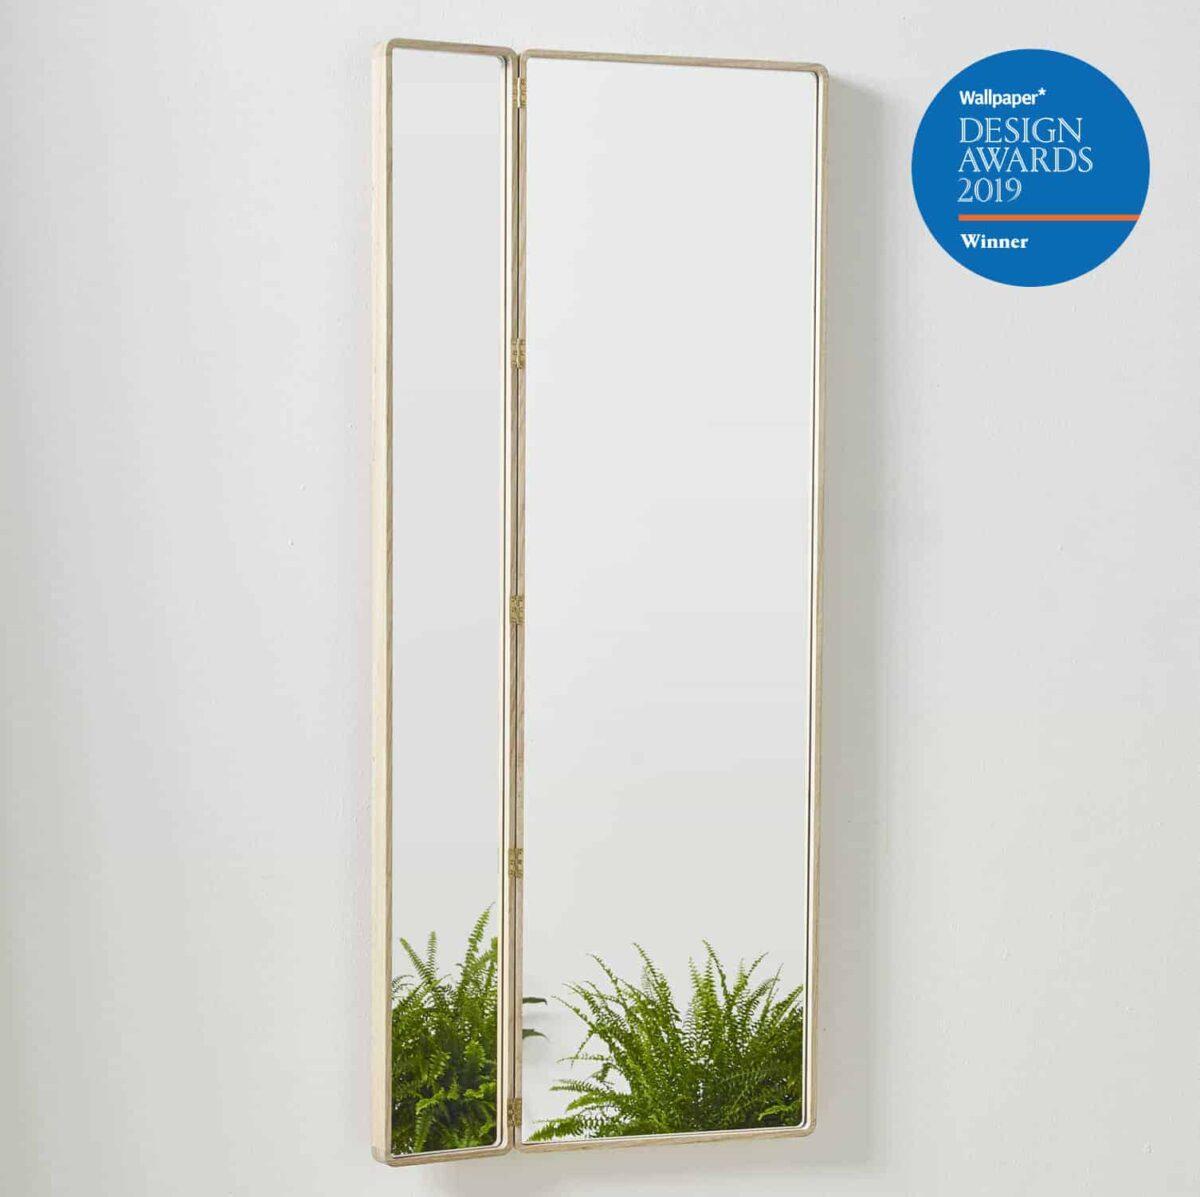 Ori_mirror_1-1_award